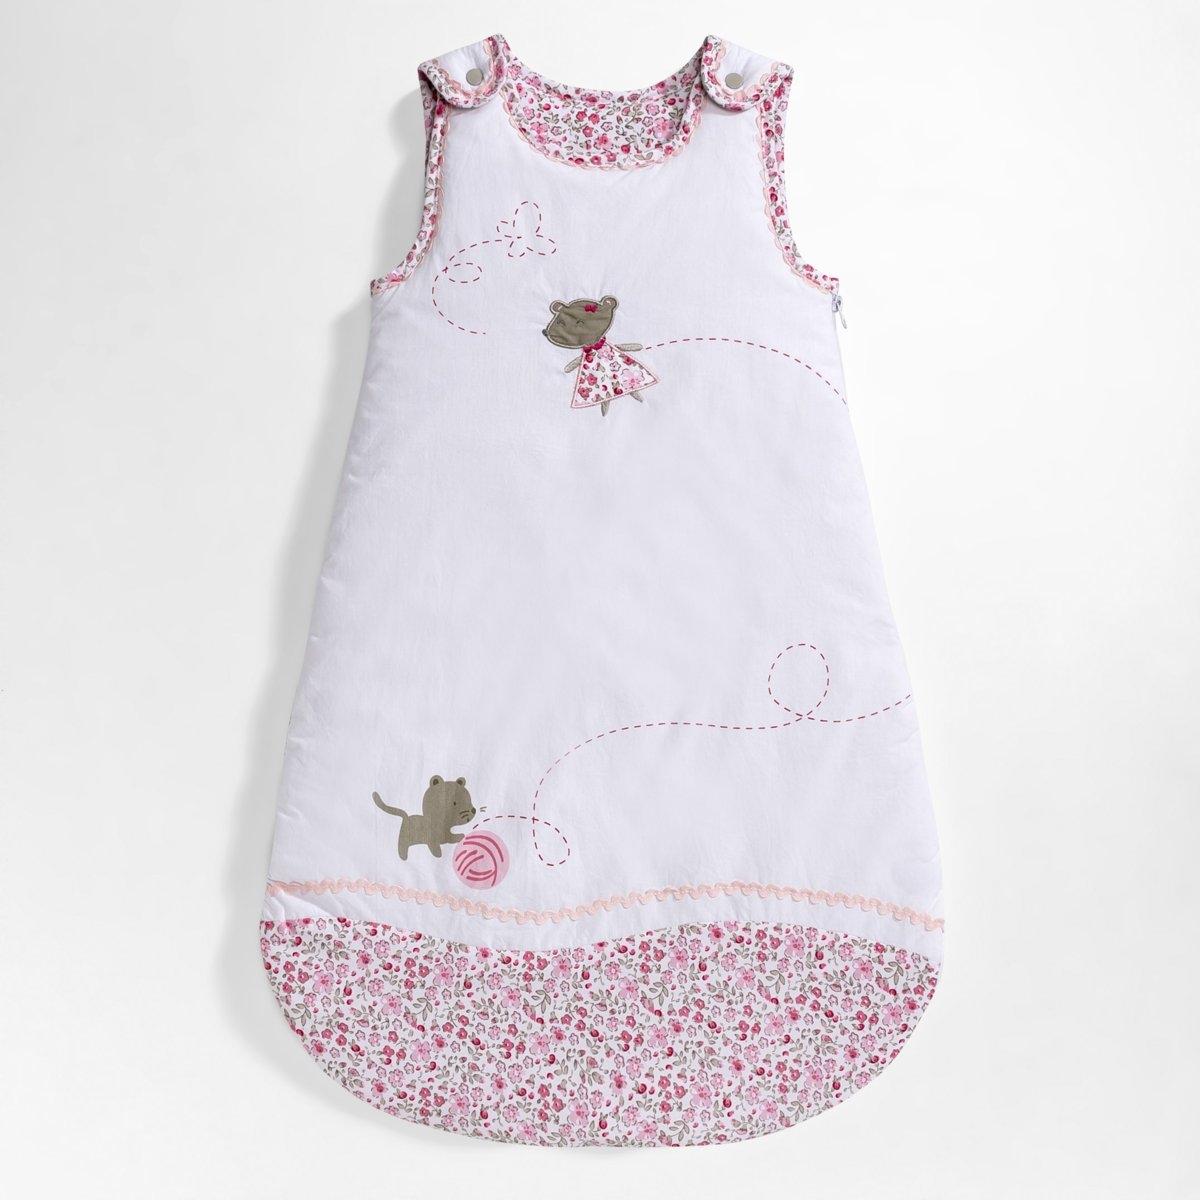 Конверт теплый для новорожденного с цветочным рисунком из перкали, 100% хлопокКонверт для новорожденного с цветочным рисунком Lili из перкали, 100% хлопок  . Мягкий конверт для новорожденного с котенком и мышкой и цветочным принтом . Прекрасная идея подарка на рождение ребенка. Характеристики конверта для новорожденного Lili :Качественная перкаль, 100% хлопок (57 нитей/см?)Цветочный принт с красивым зубчатым бордюром   Подкладка с цветочным принтом из джерси для большей мягкости Однотонная спинка.Наполнитель: полиэстер.Застежка на молнию по всей длине.2 длины : 70 см и 90 см.Стирка при 40°.Всю коллекцию постельного белья Lili вы можете найти на сайте laredoute.ru<br><br>Цвет: белый/рисунок розовый/бежевый<br>Размер: 70 см